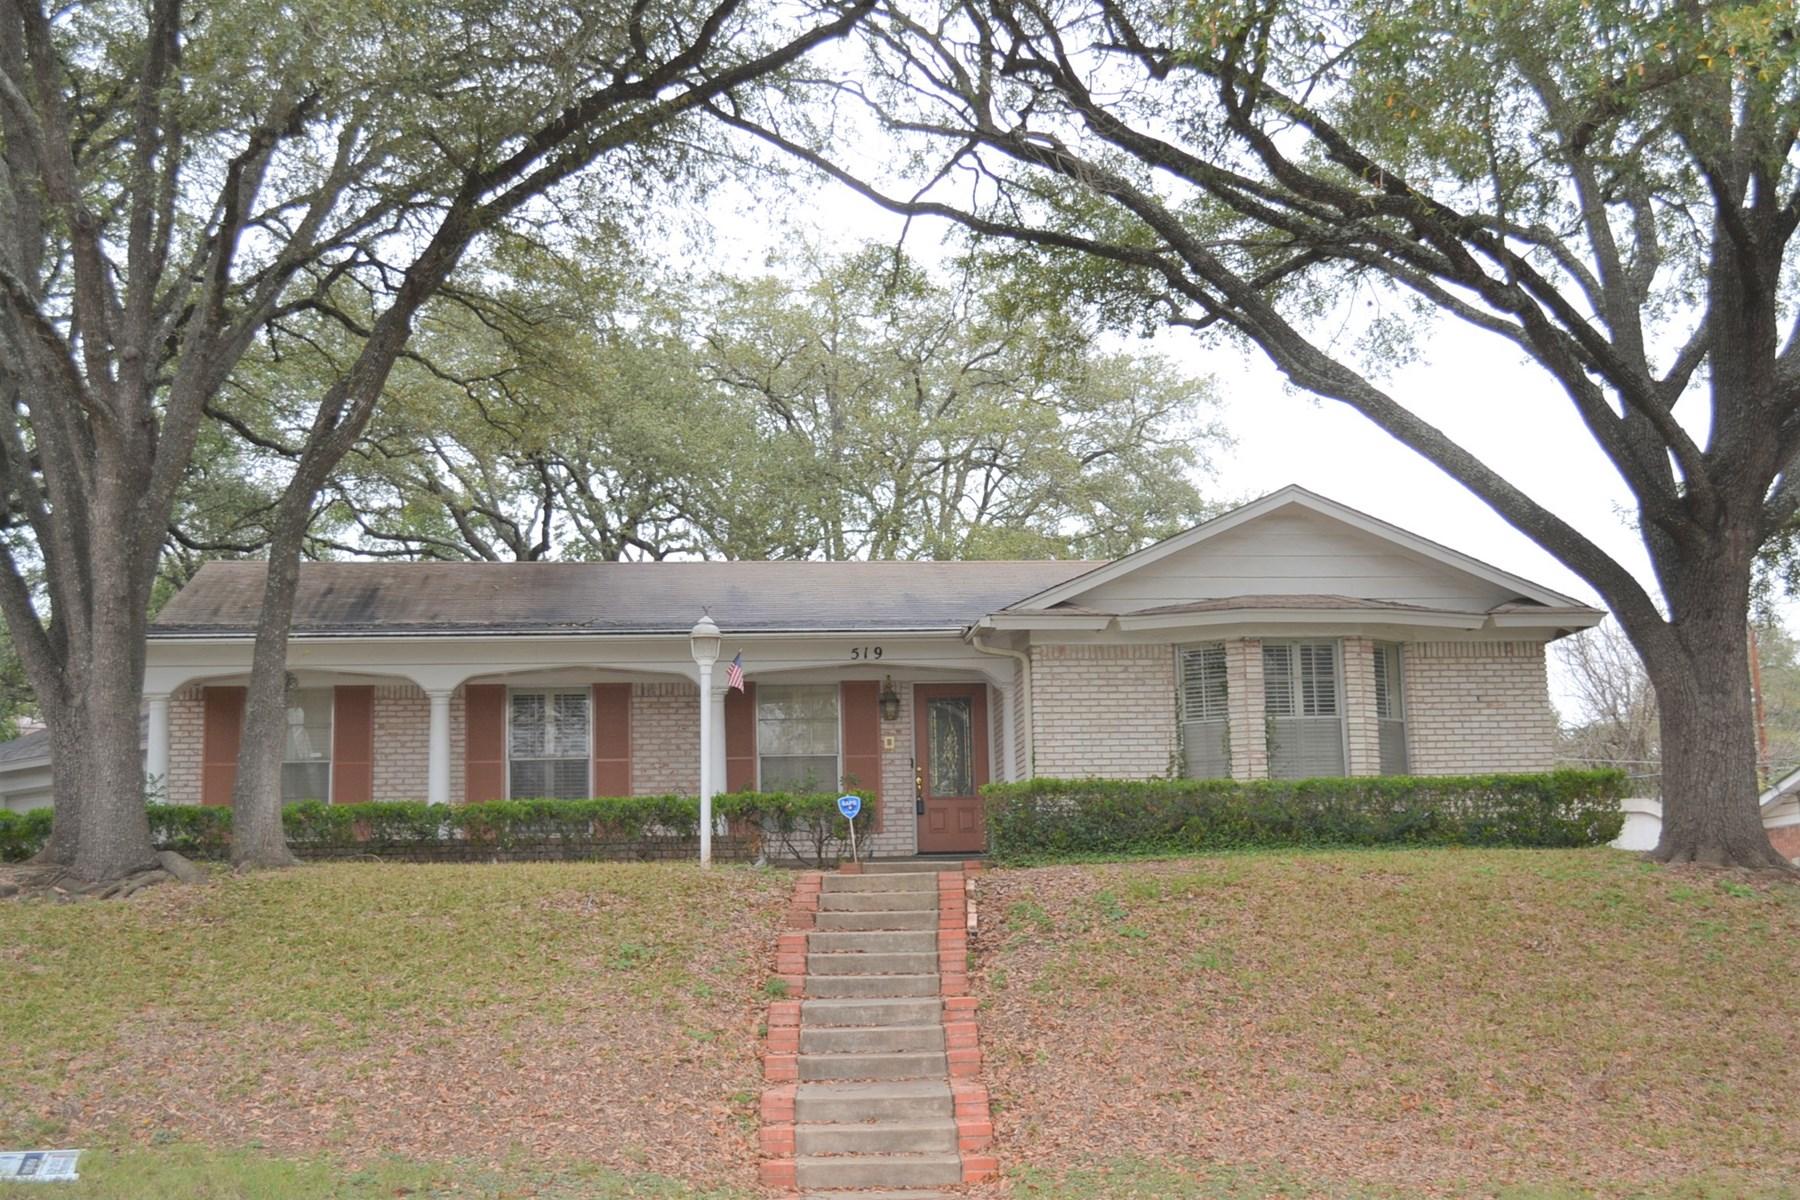 Stately Home Inside Loop 410 in San Antonio, Texas